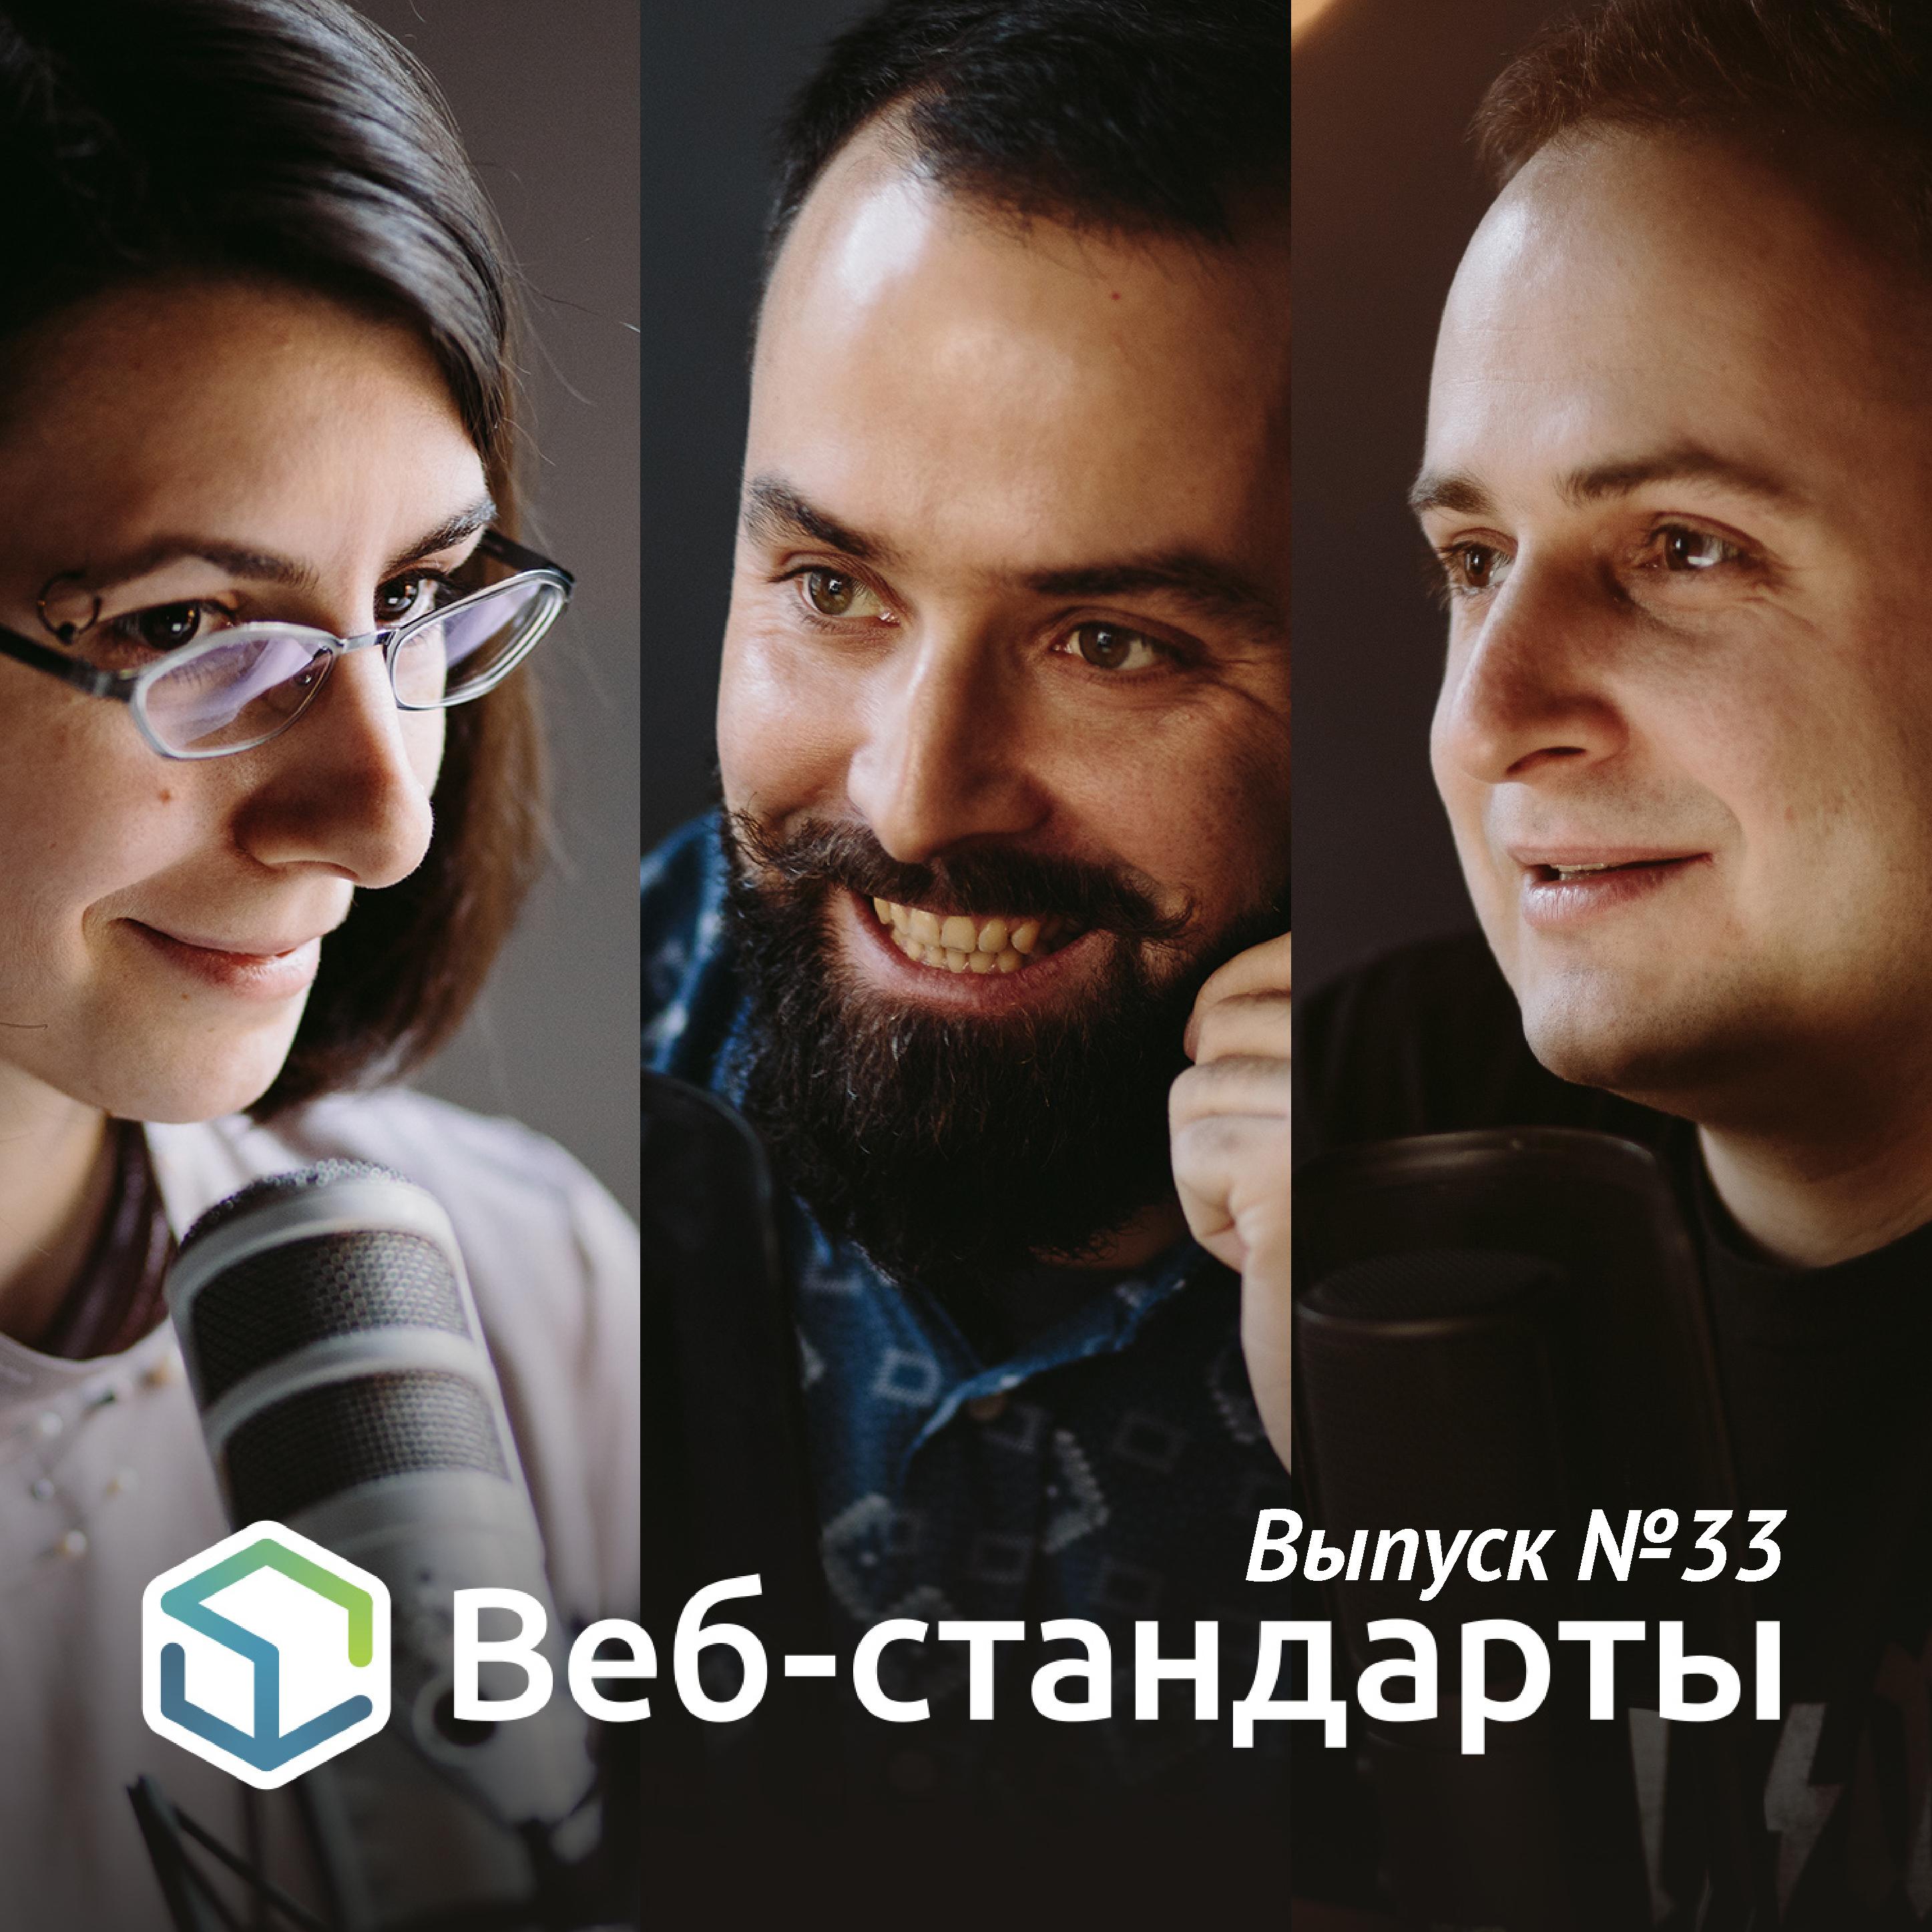 Алексей Симоненко Выпуск №33 алексей симоненко выпуск 24